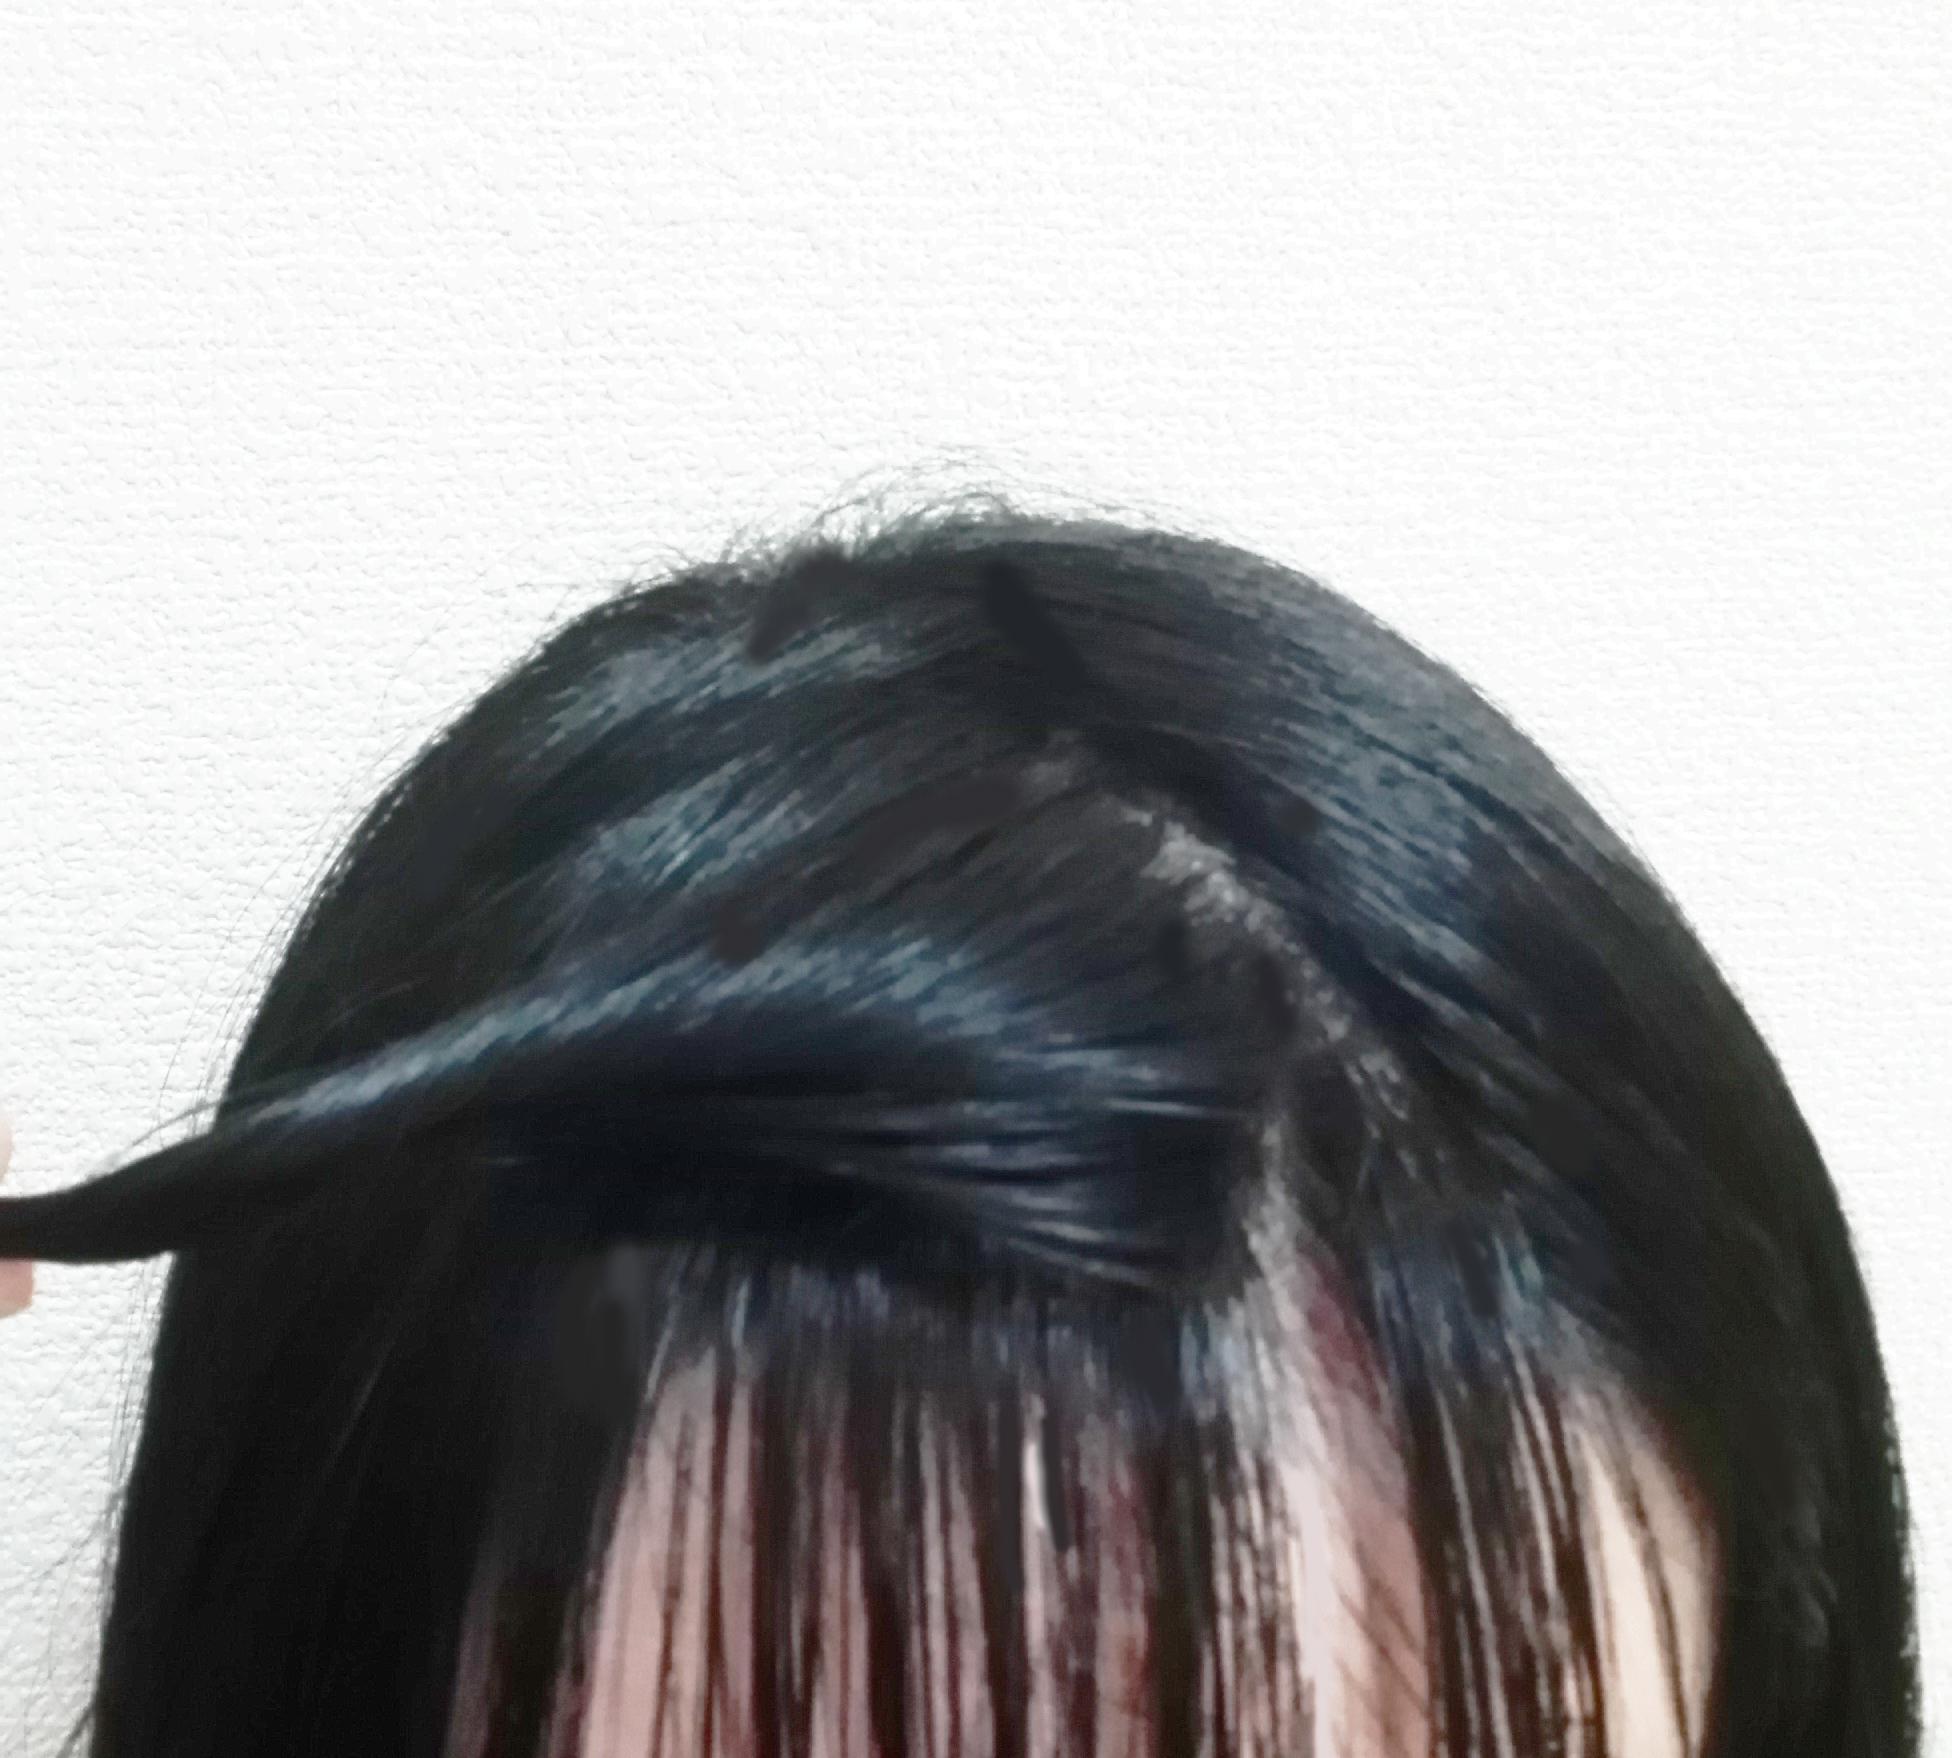 シースルーバンク方法画像① (1)